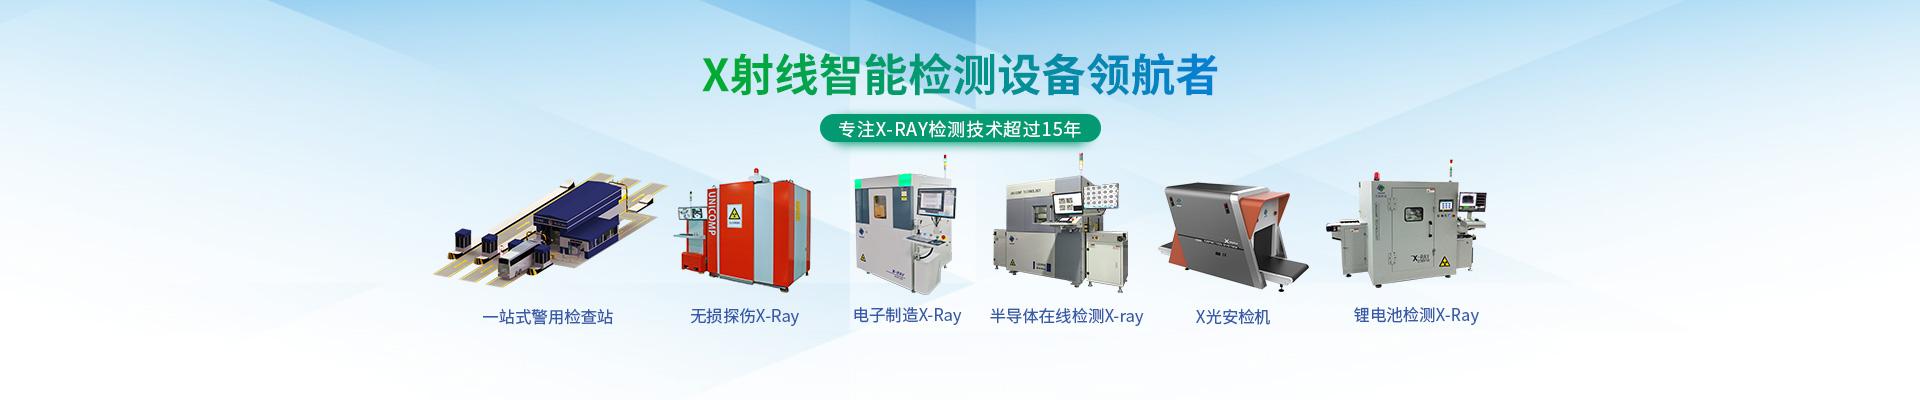 锂电池检测X-RAY.jpg